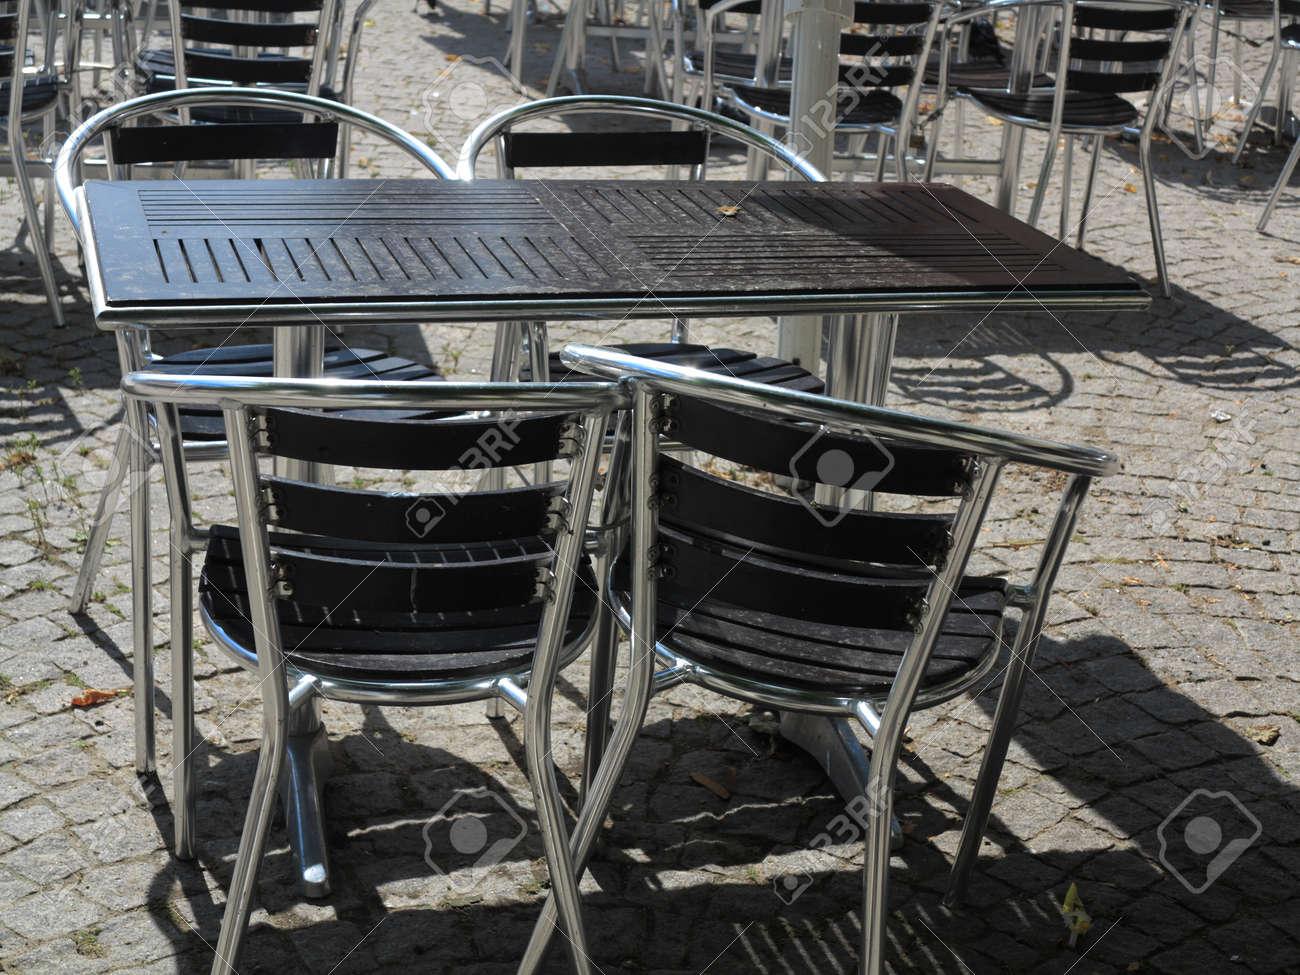 Outdoor Ristorante Terrazza Del Caffè Aperti Sedie Air Bar Con Tavolo Vacanze Estive Sul Ricorso